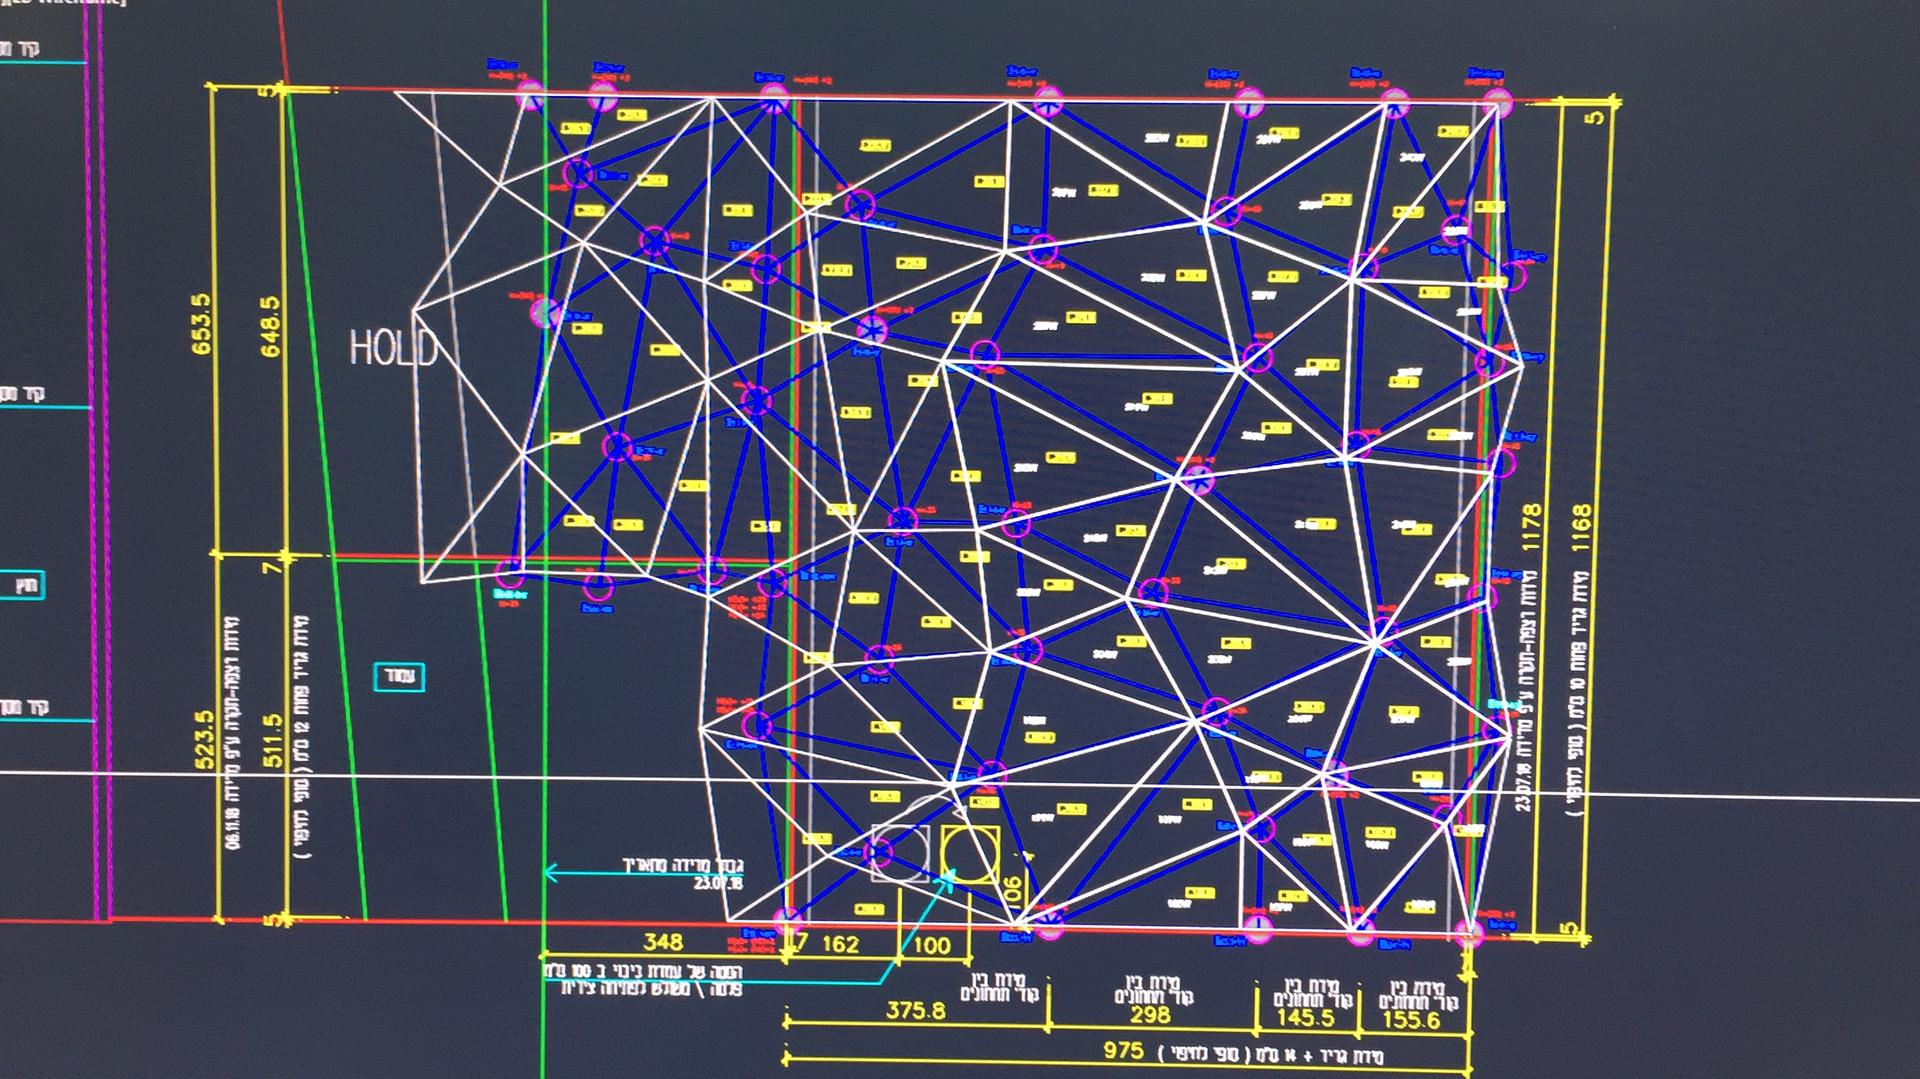 350D7693-59BD-4EC0-A81E-95D8F15E4CF3.jpg